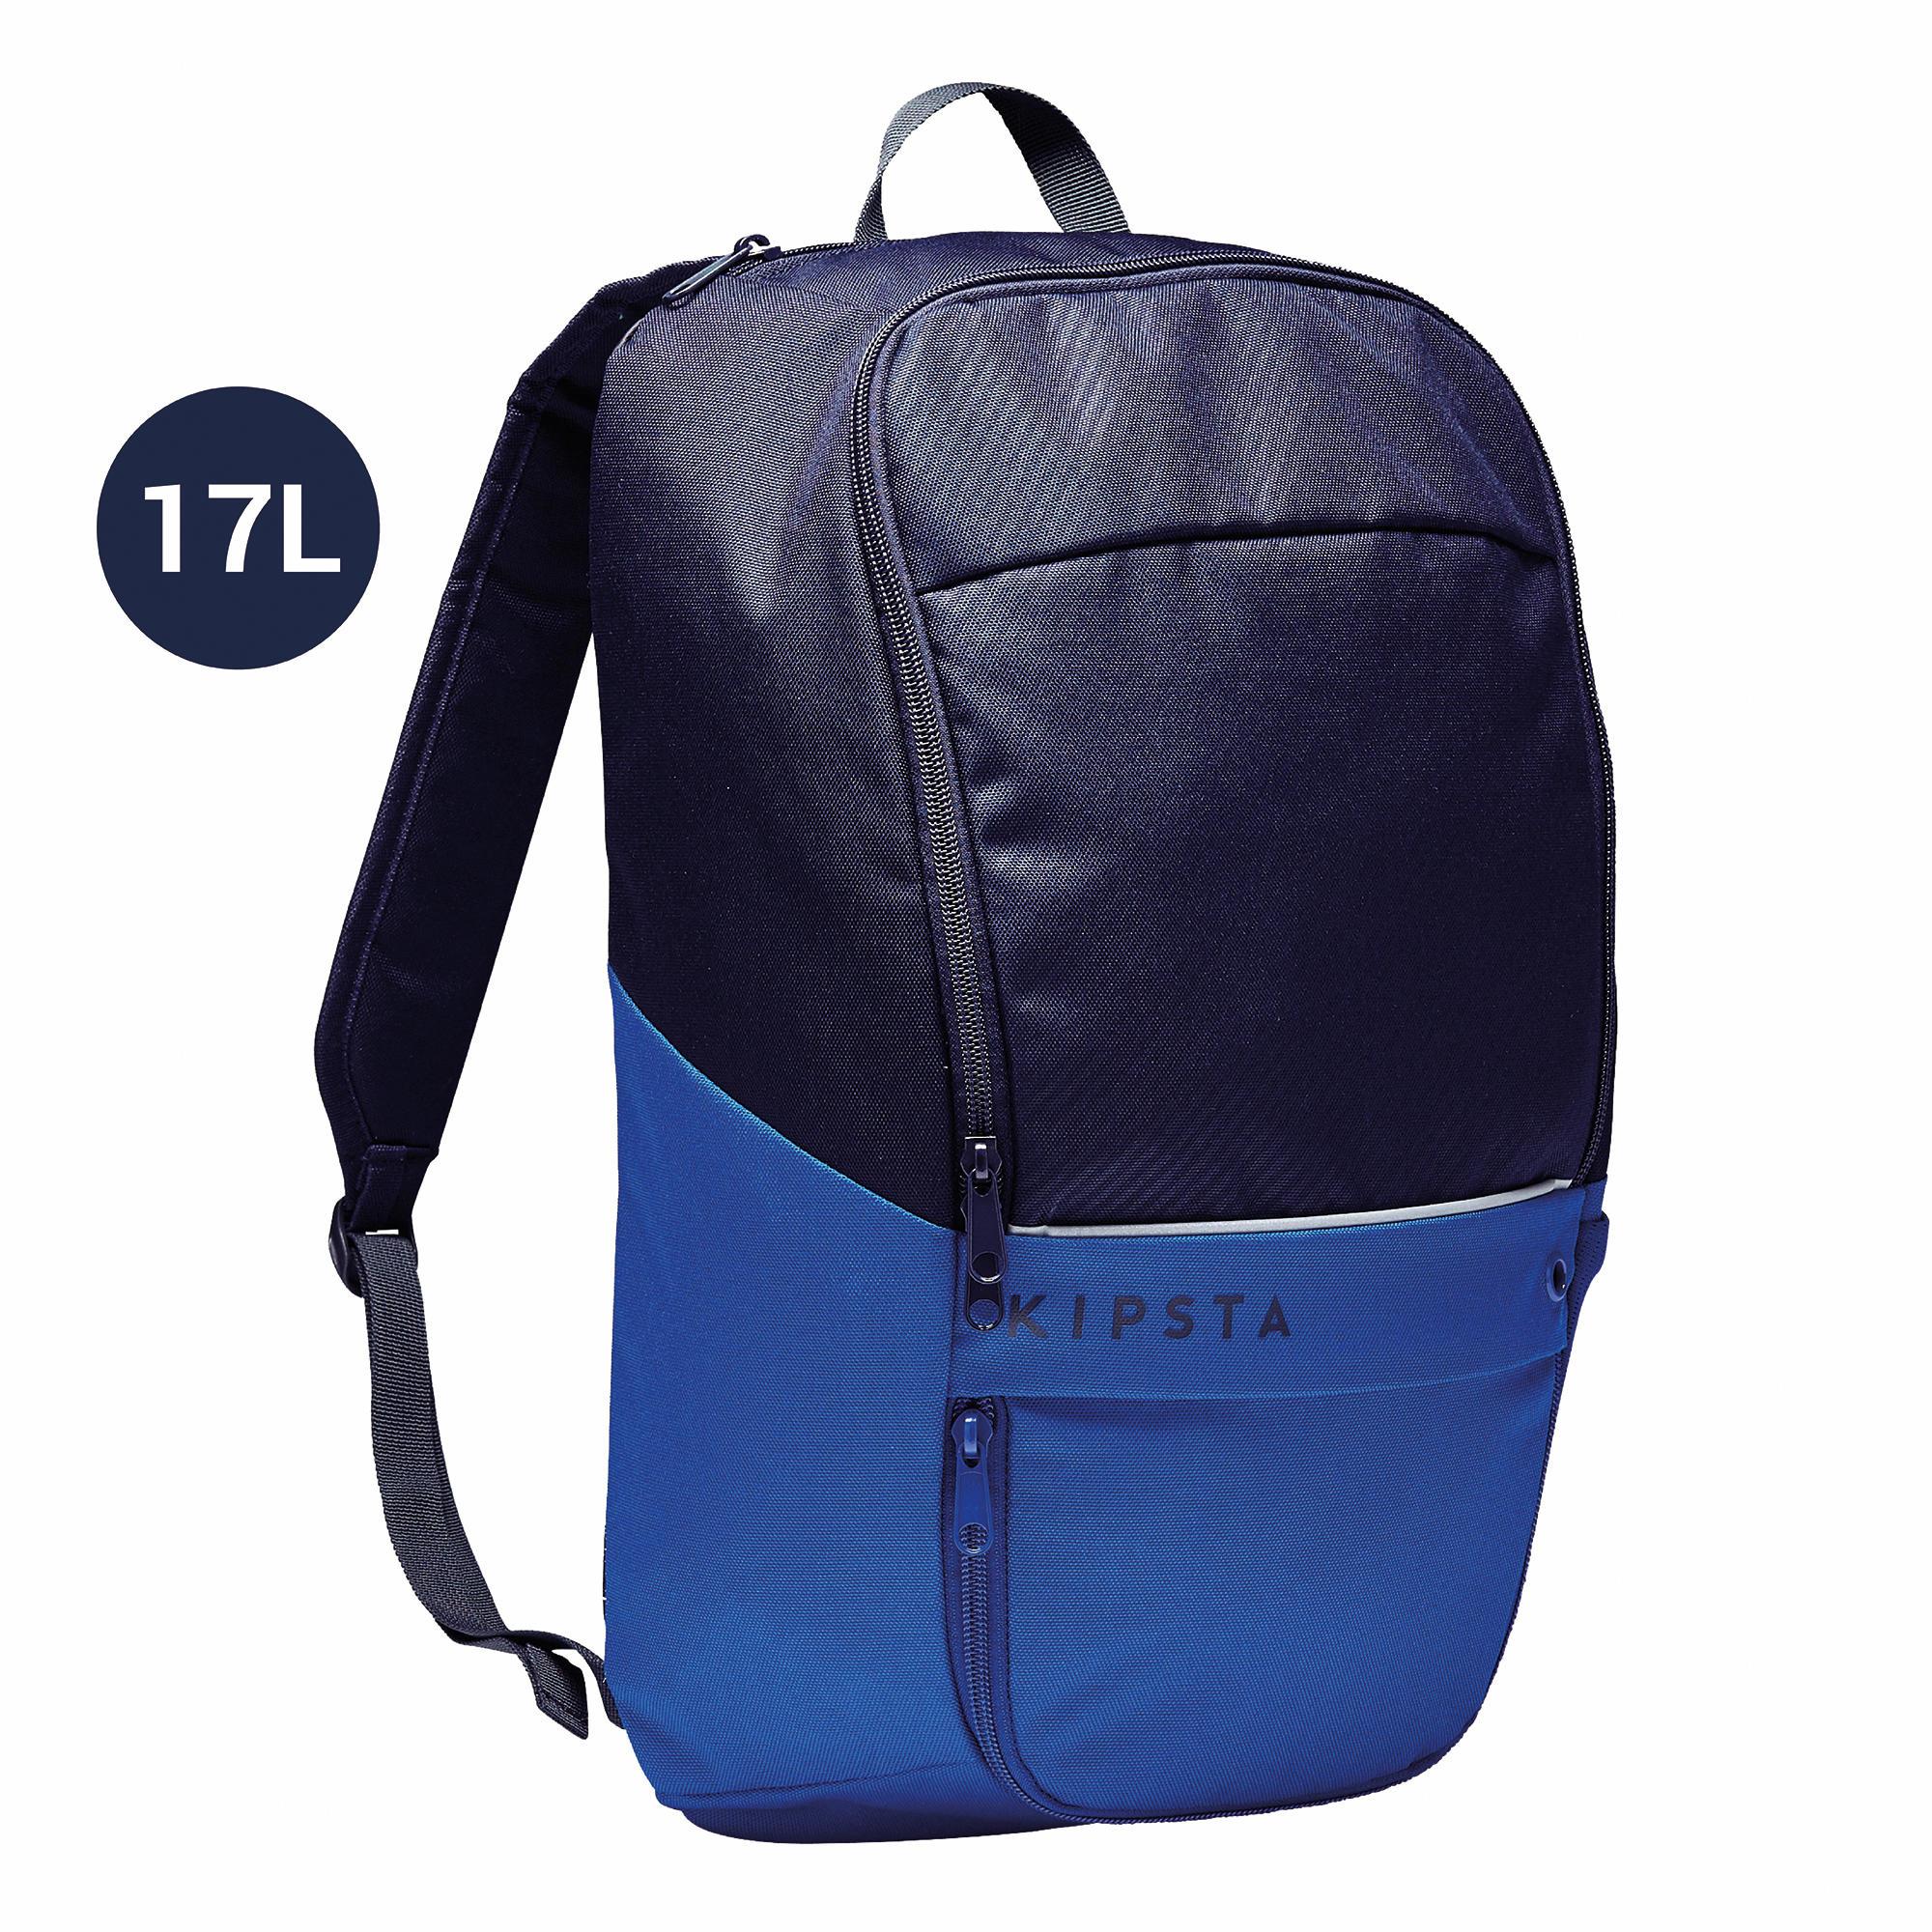 Mochila Classic 17L azul oscuro y azul índigo